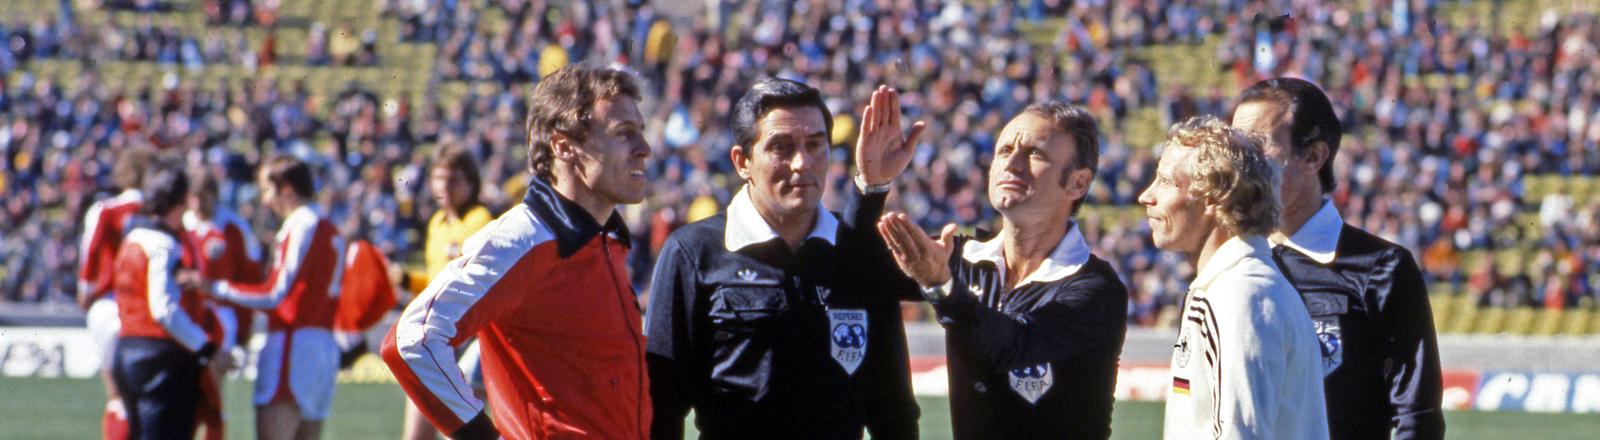 Abraham Klein als Schiedsrichter auf dem Fußballfeld, umringt von Spielern